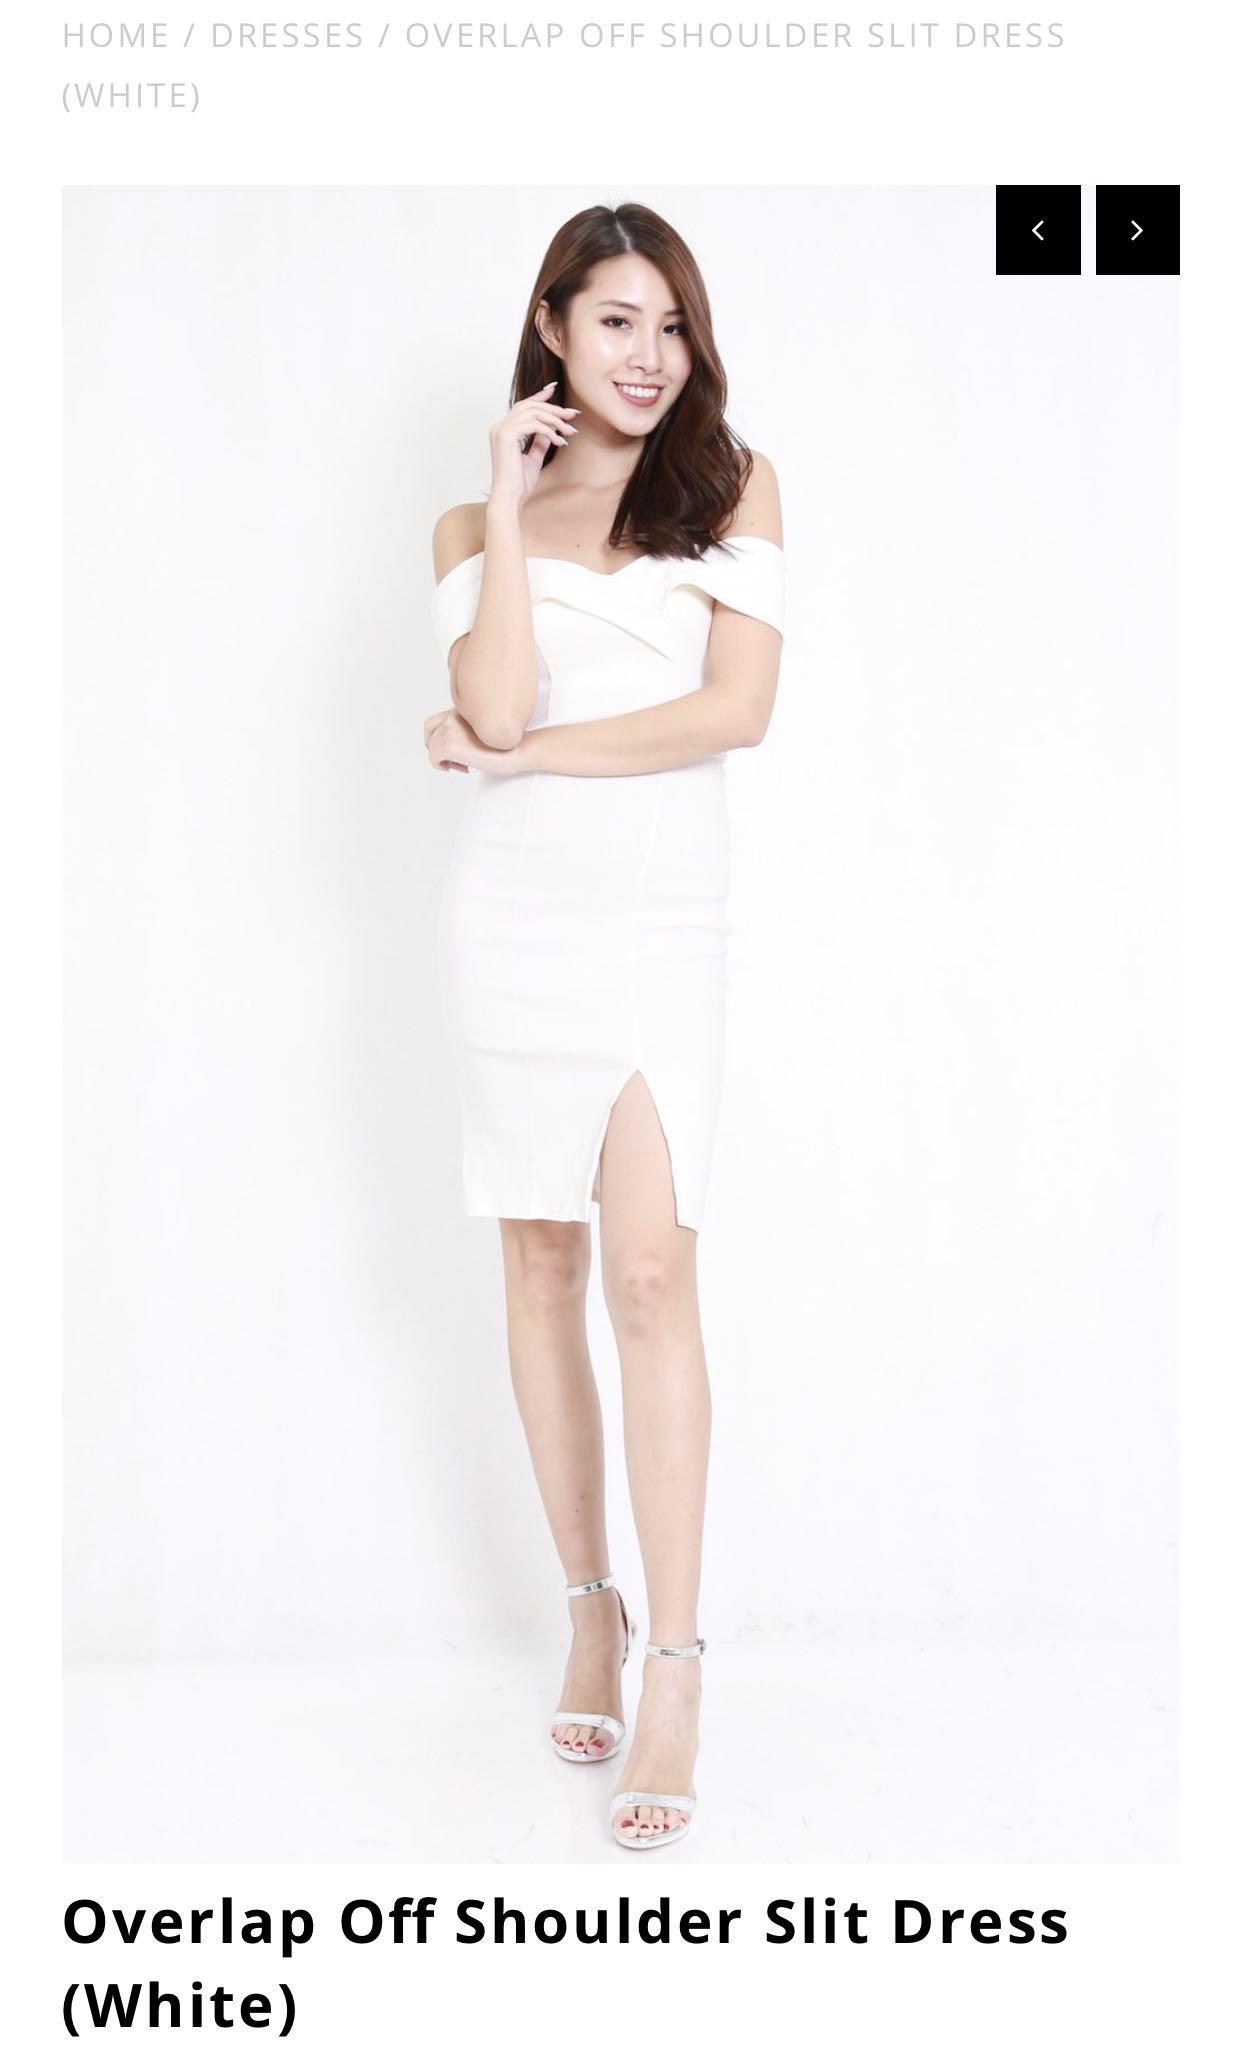 9926117f54 Carrislabelle Overlap Off Shoulder Slit Dress, Women's Fashion ...